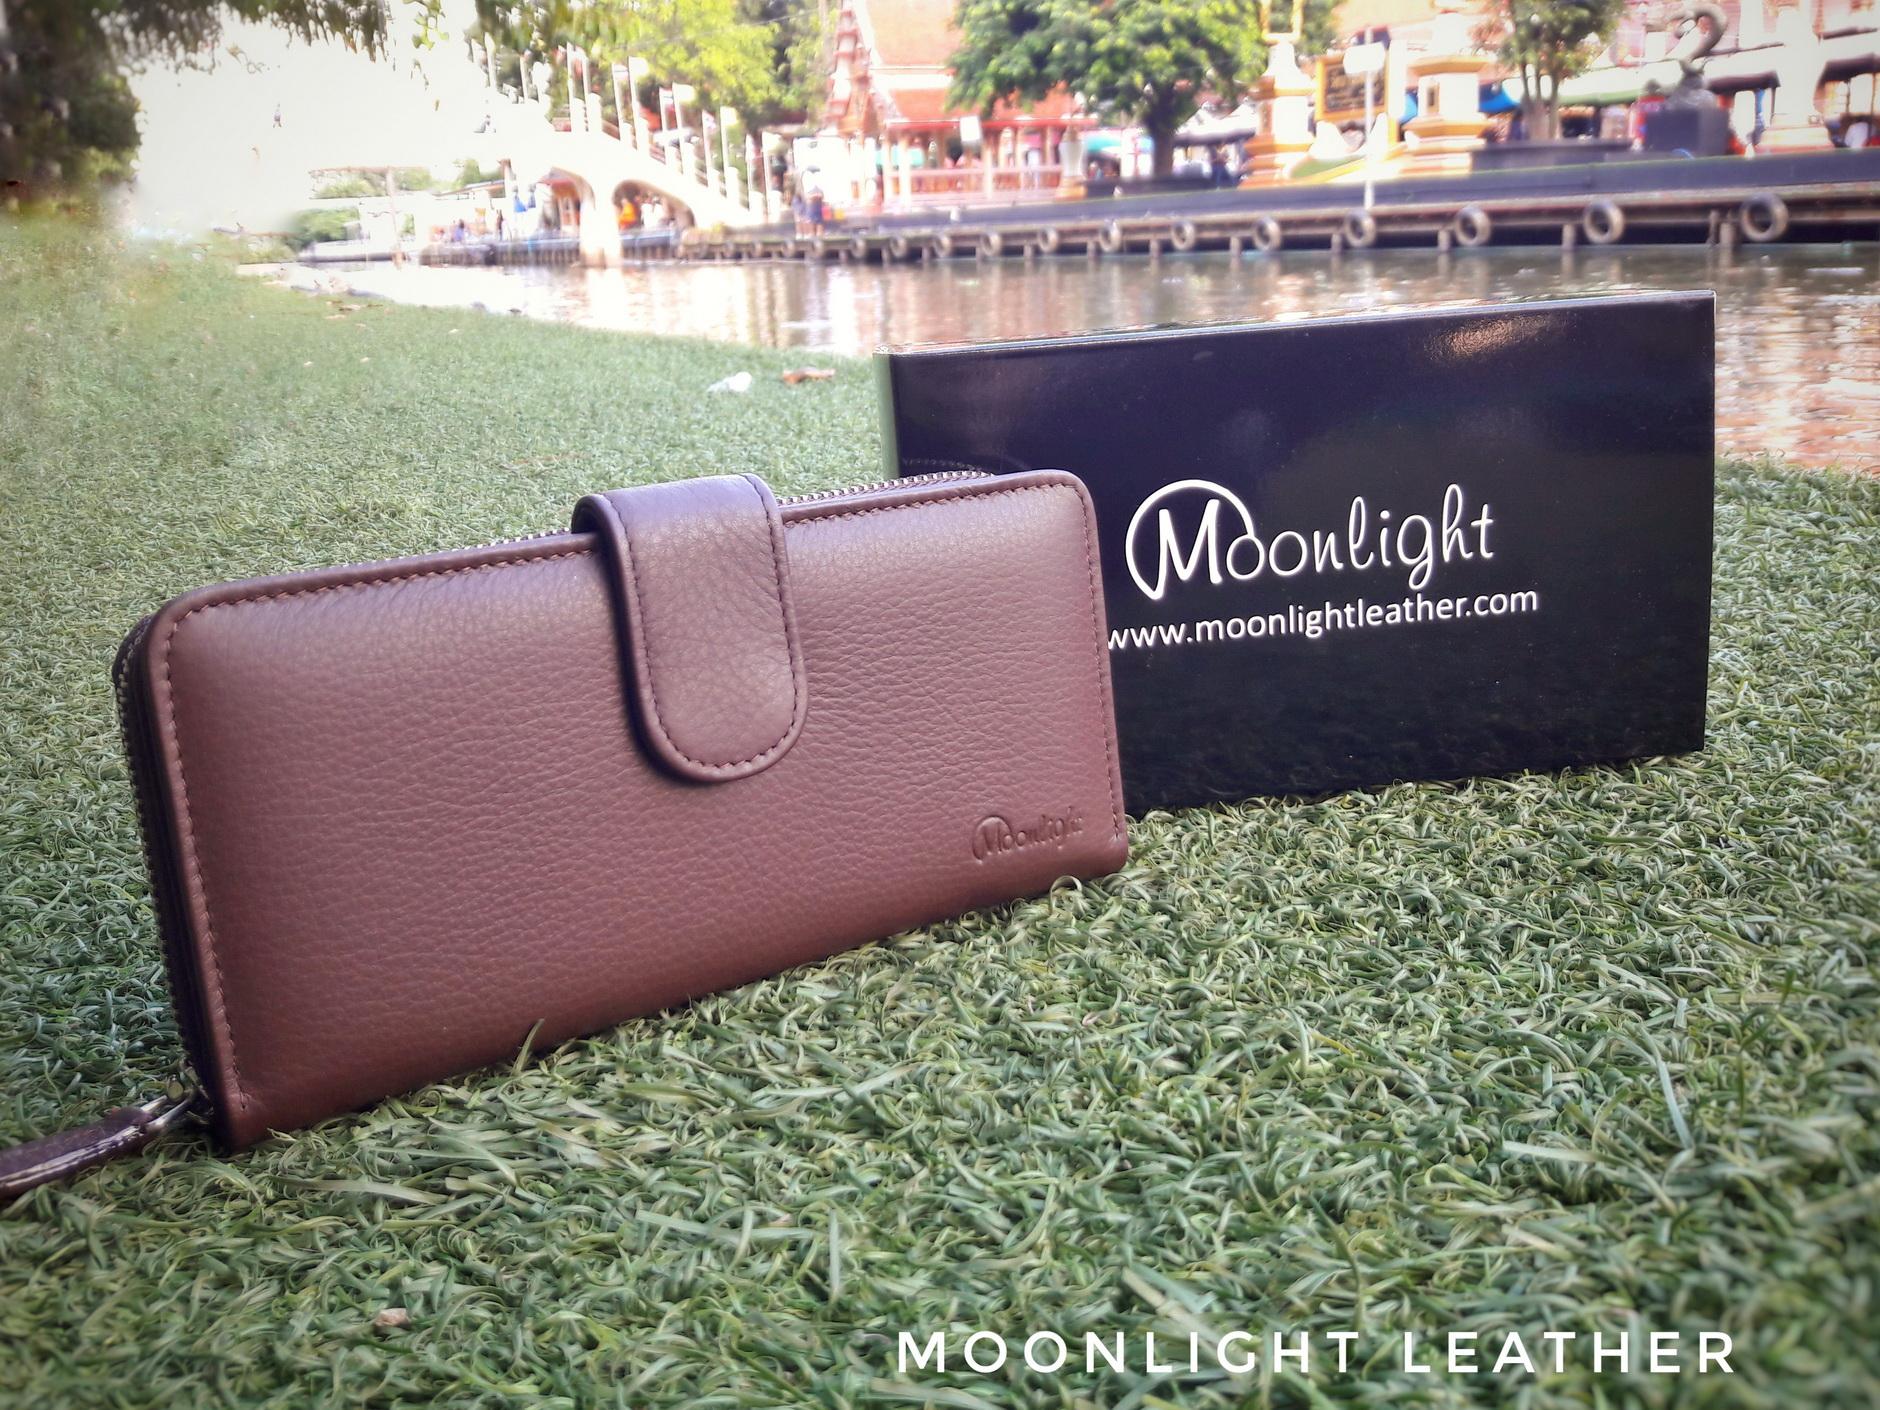 กระเป๋าสตางค์ผู้หญิง ใบยาวสวย สีน้ำตาล ทำจากหนังวัวแท้แสนนุ่ม ทนทาน โดนน้ำได้ ไม่ลอกร่อน พร้อมกล่องแบรนด์แท้ Moonlight